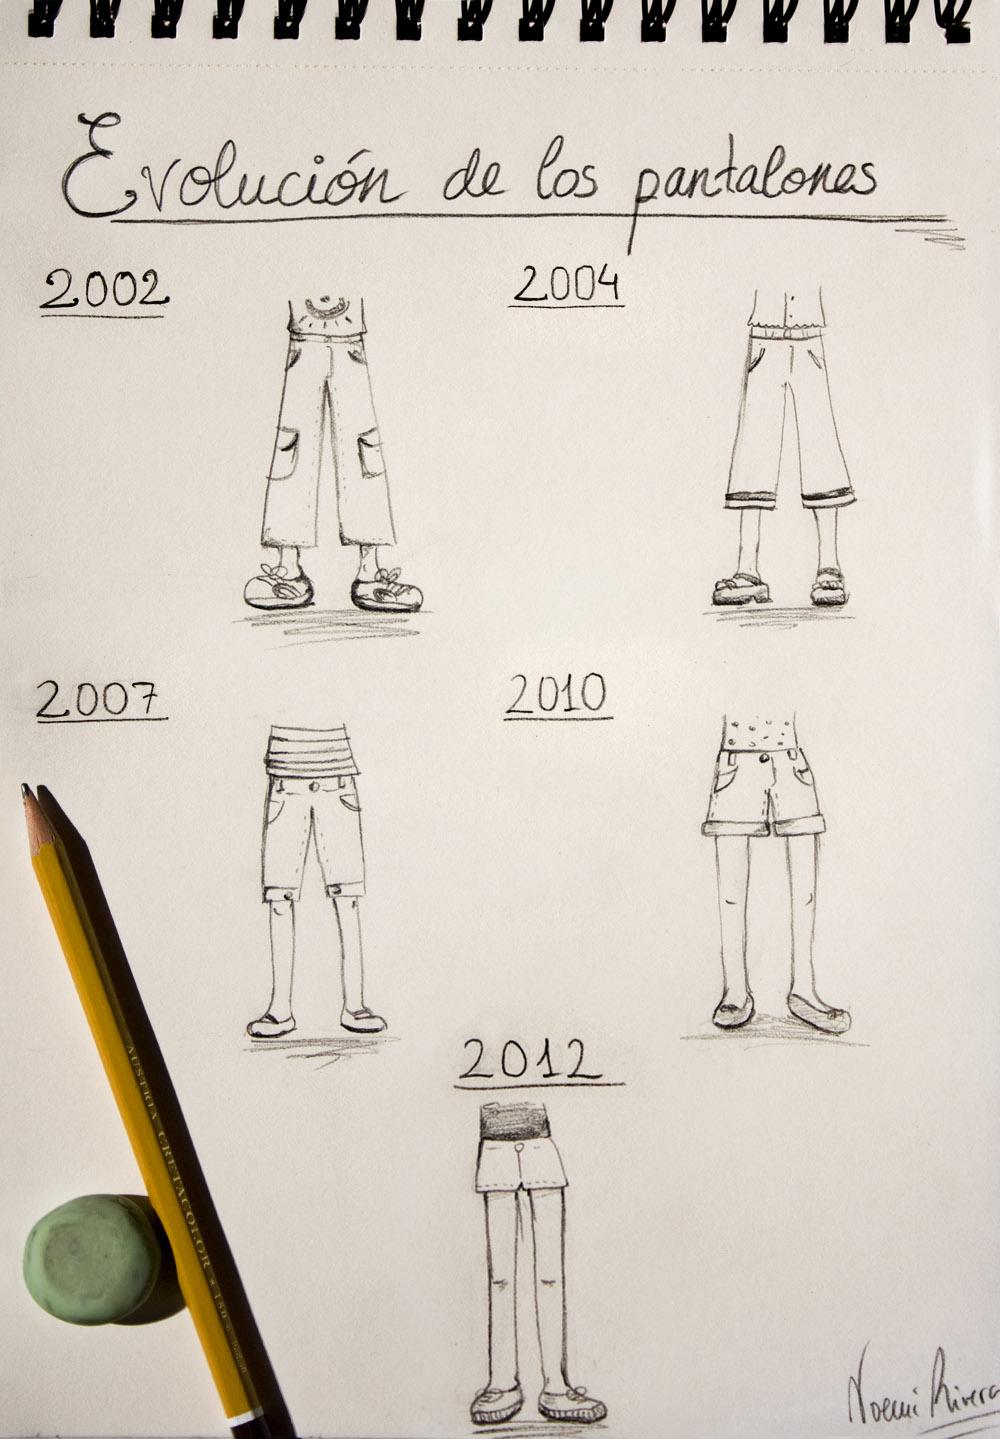 La evolución de los pantalones cortos